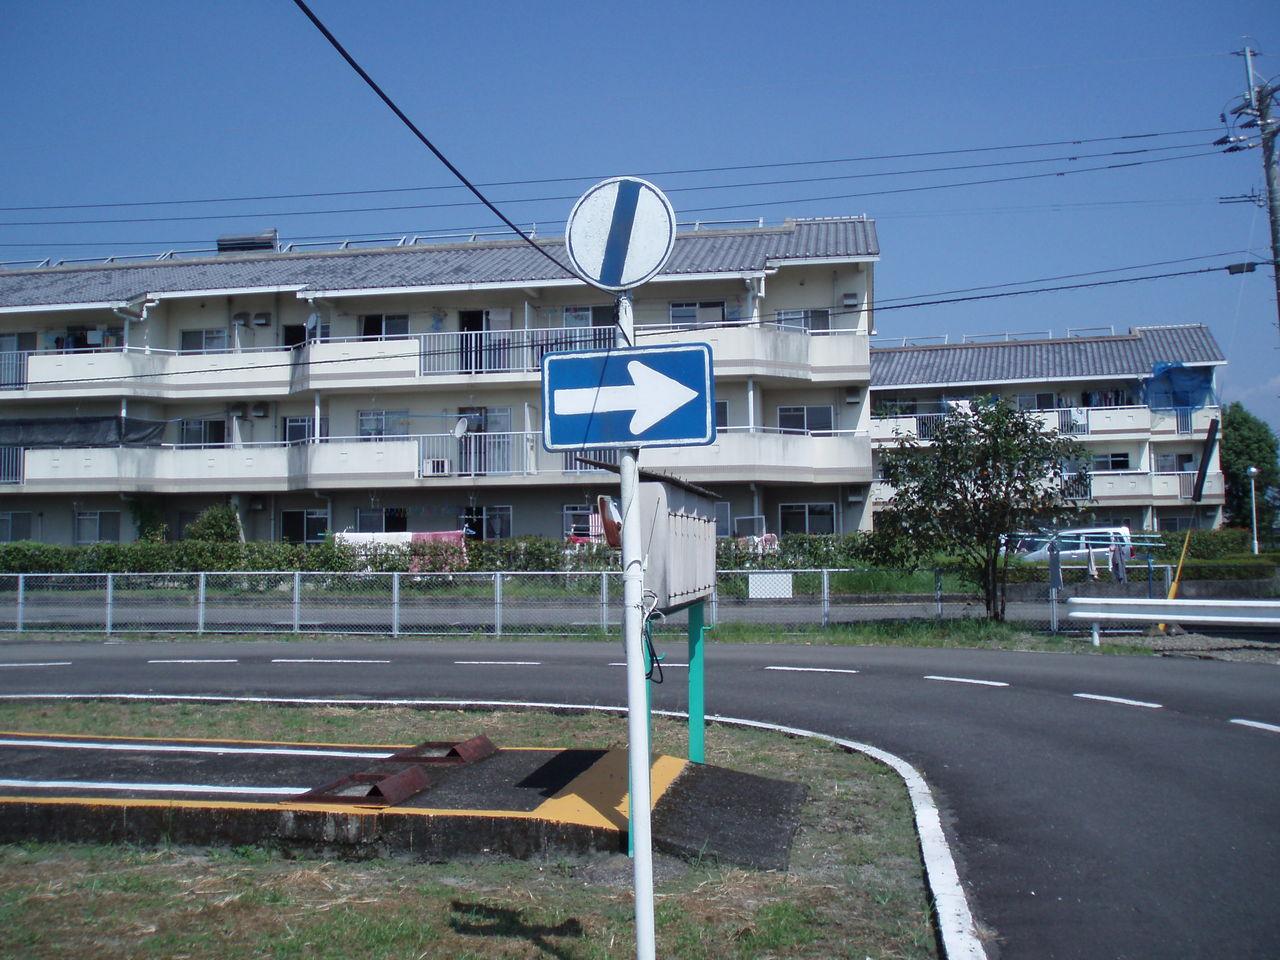 自転車の 激安自転車大阪 : 一方通行 : 西都自動車学校長 ...